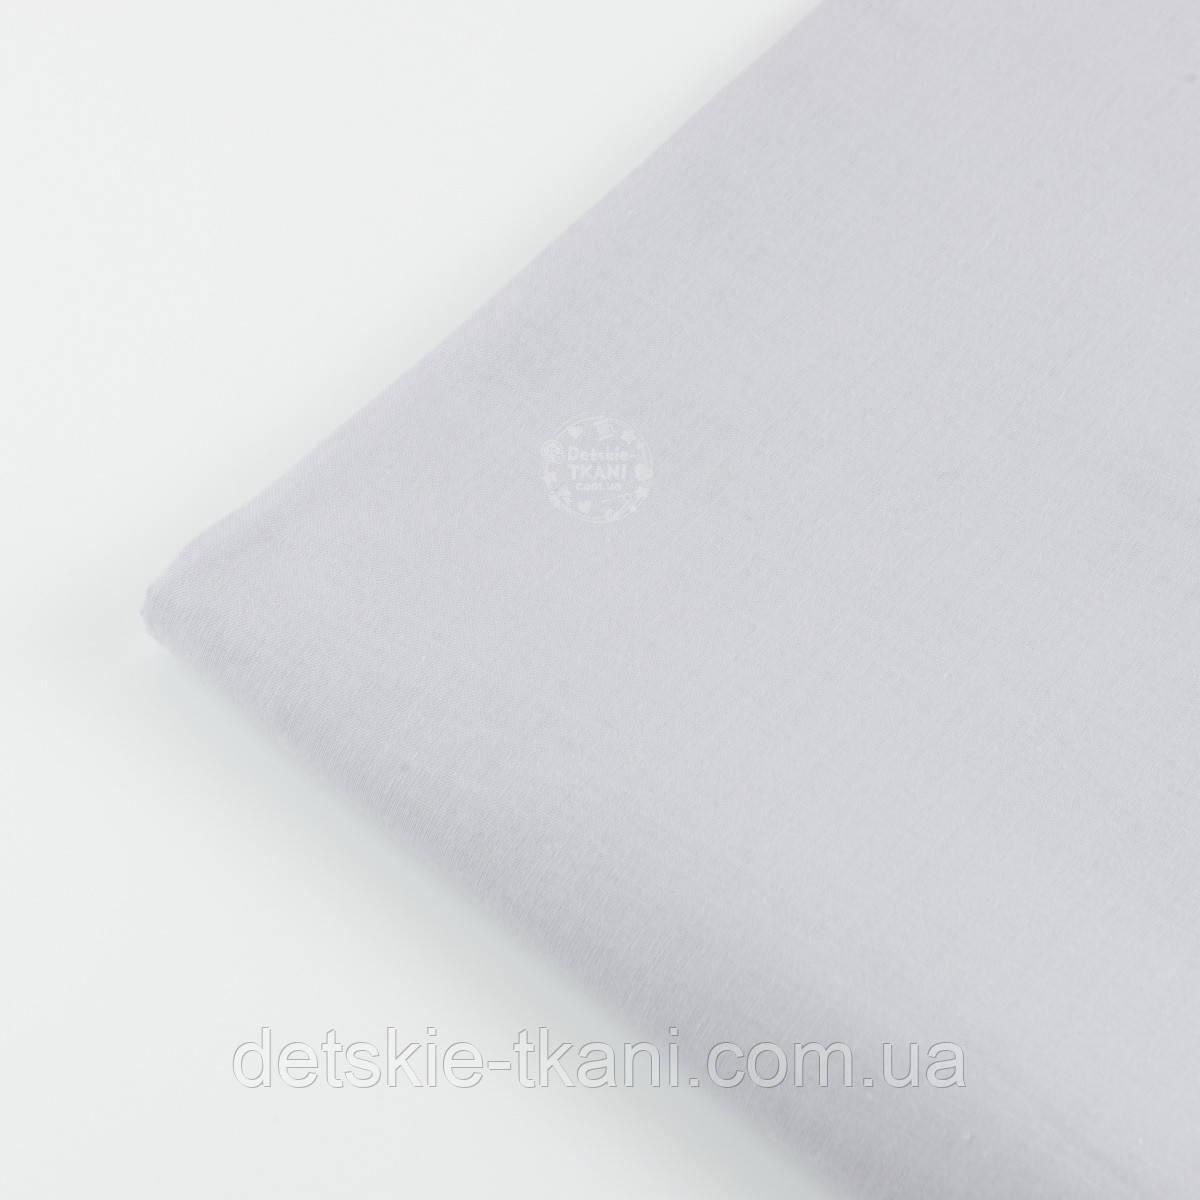 Лоскут ткани №57а однотонная ткань светло-серого цвета